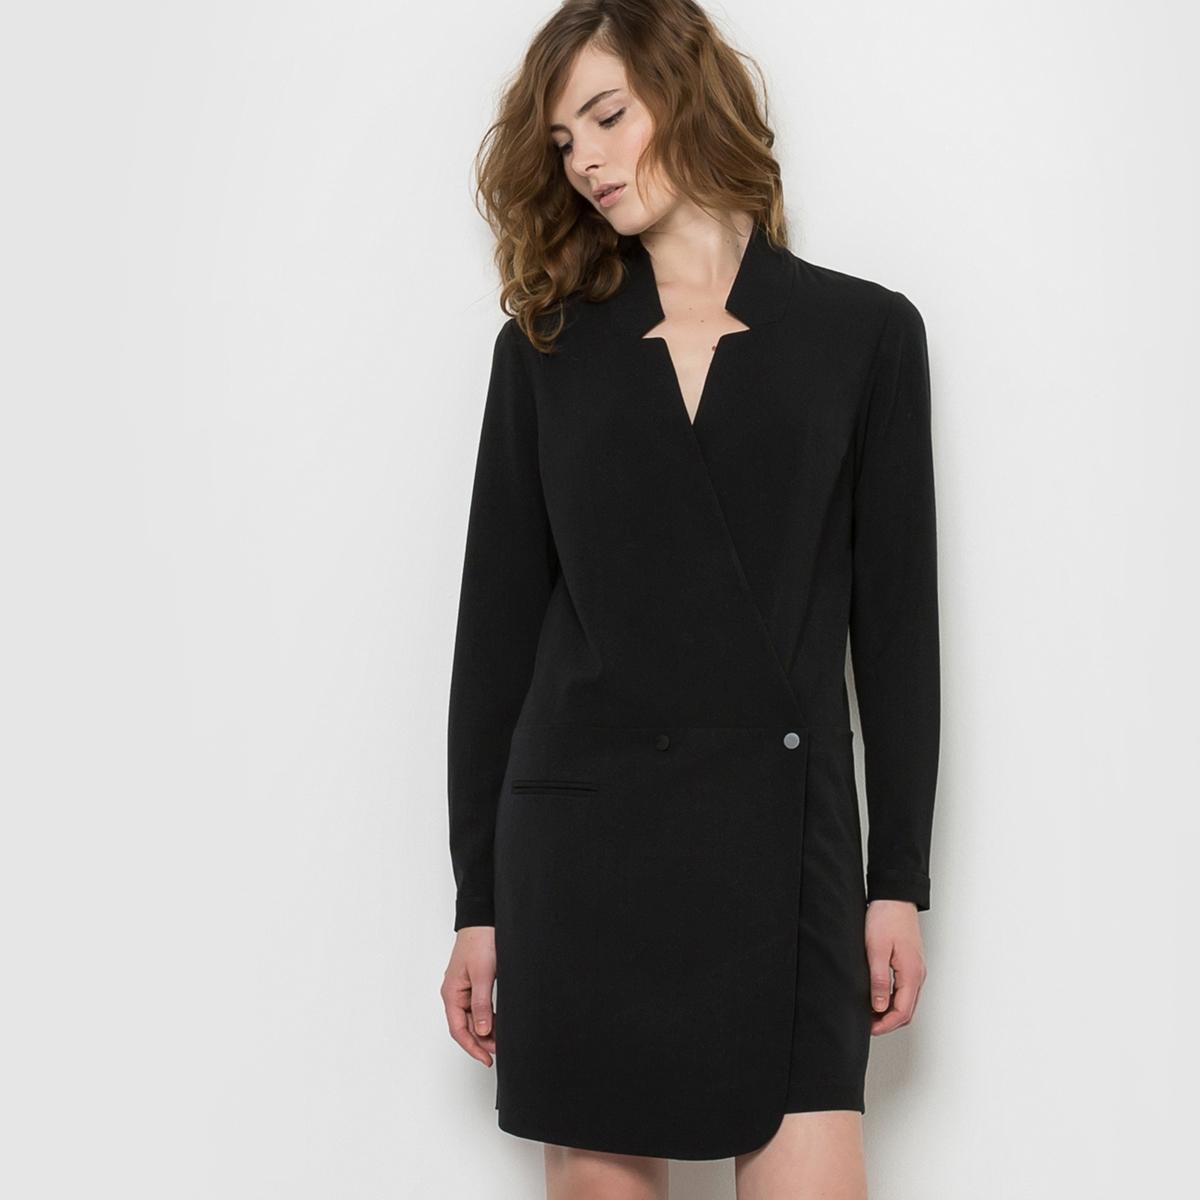 Платье вечернееВечернее платье от кутюр, покрой портфель. Застежка на 2 кнопки-пуговицы . Длинные рукава с 1 кнопкой-пуговицей. 2 ложных кармана спереди. Состав и описаниеМатериал : Верх 65% полиэстера, 30% вискозы, 5% эластана - Подкладка 100% хлопкаМарка : See U SoonУходСледуйте советам по уходу, указанным на этикетке.<br><br>Цвет: черный